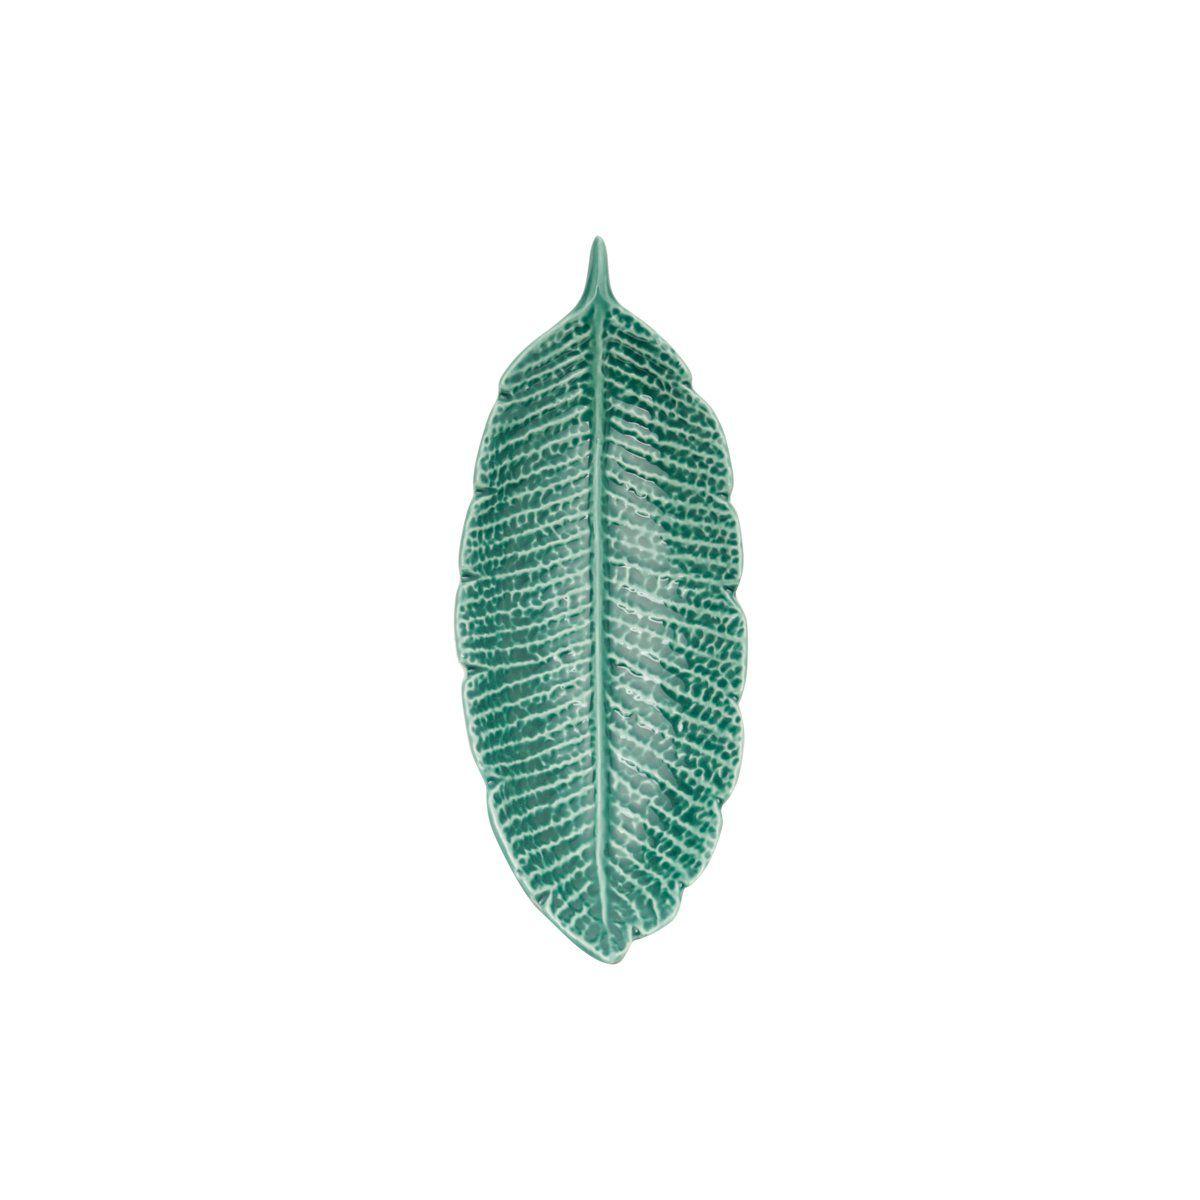 Folha decorativa 21,5 x 8,5 cm de porcelana verde Pachira Prestige - 26872